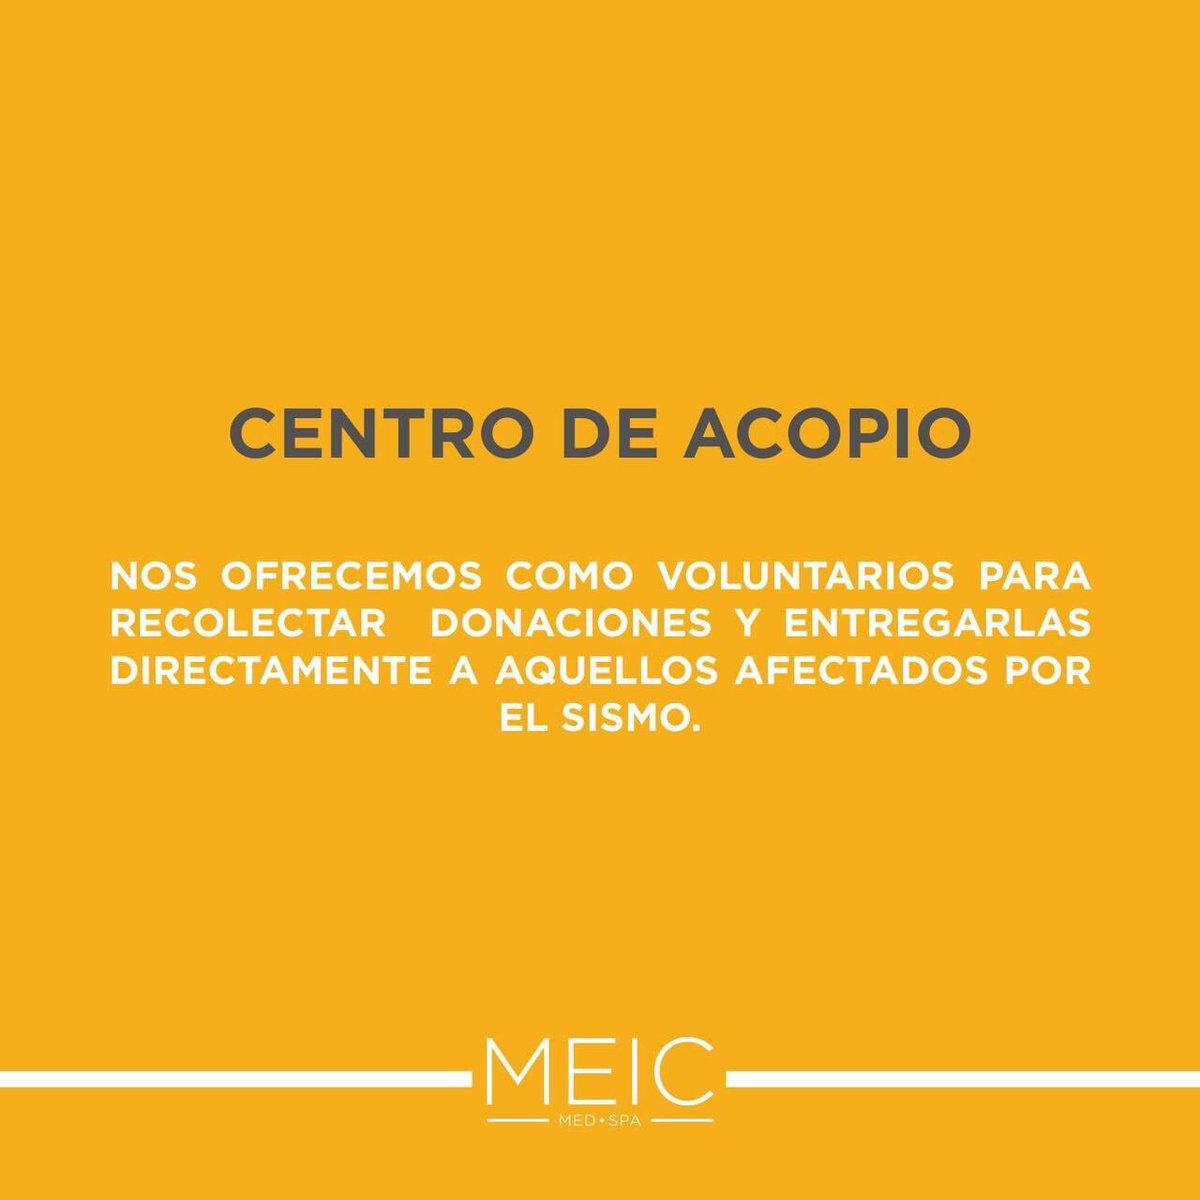 ¡AYUDENME A DIFUNDIR! Centro de acopio en: @MEICMEDSPA / San Pedro y Valle Alto